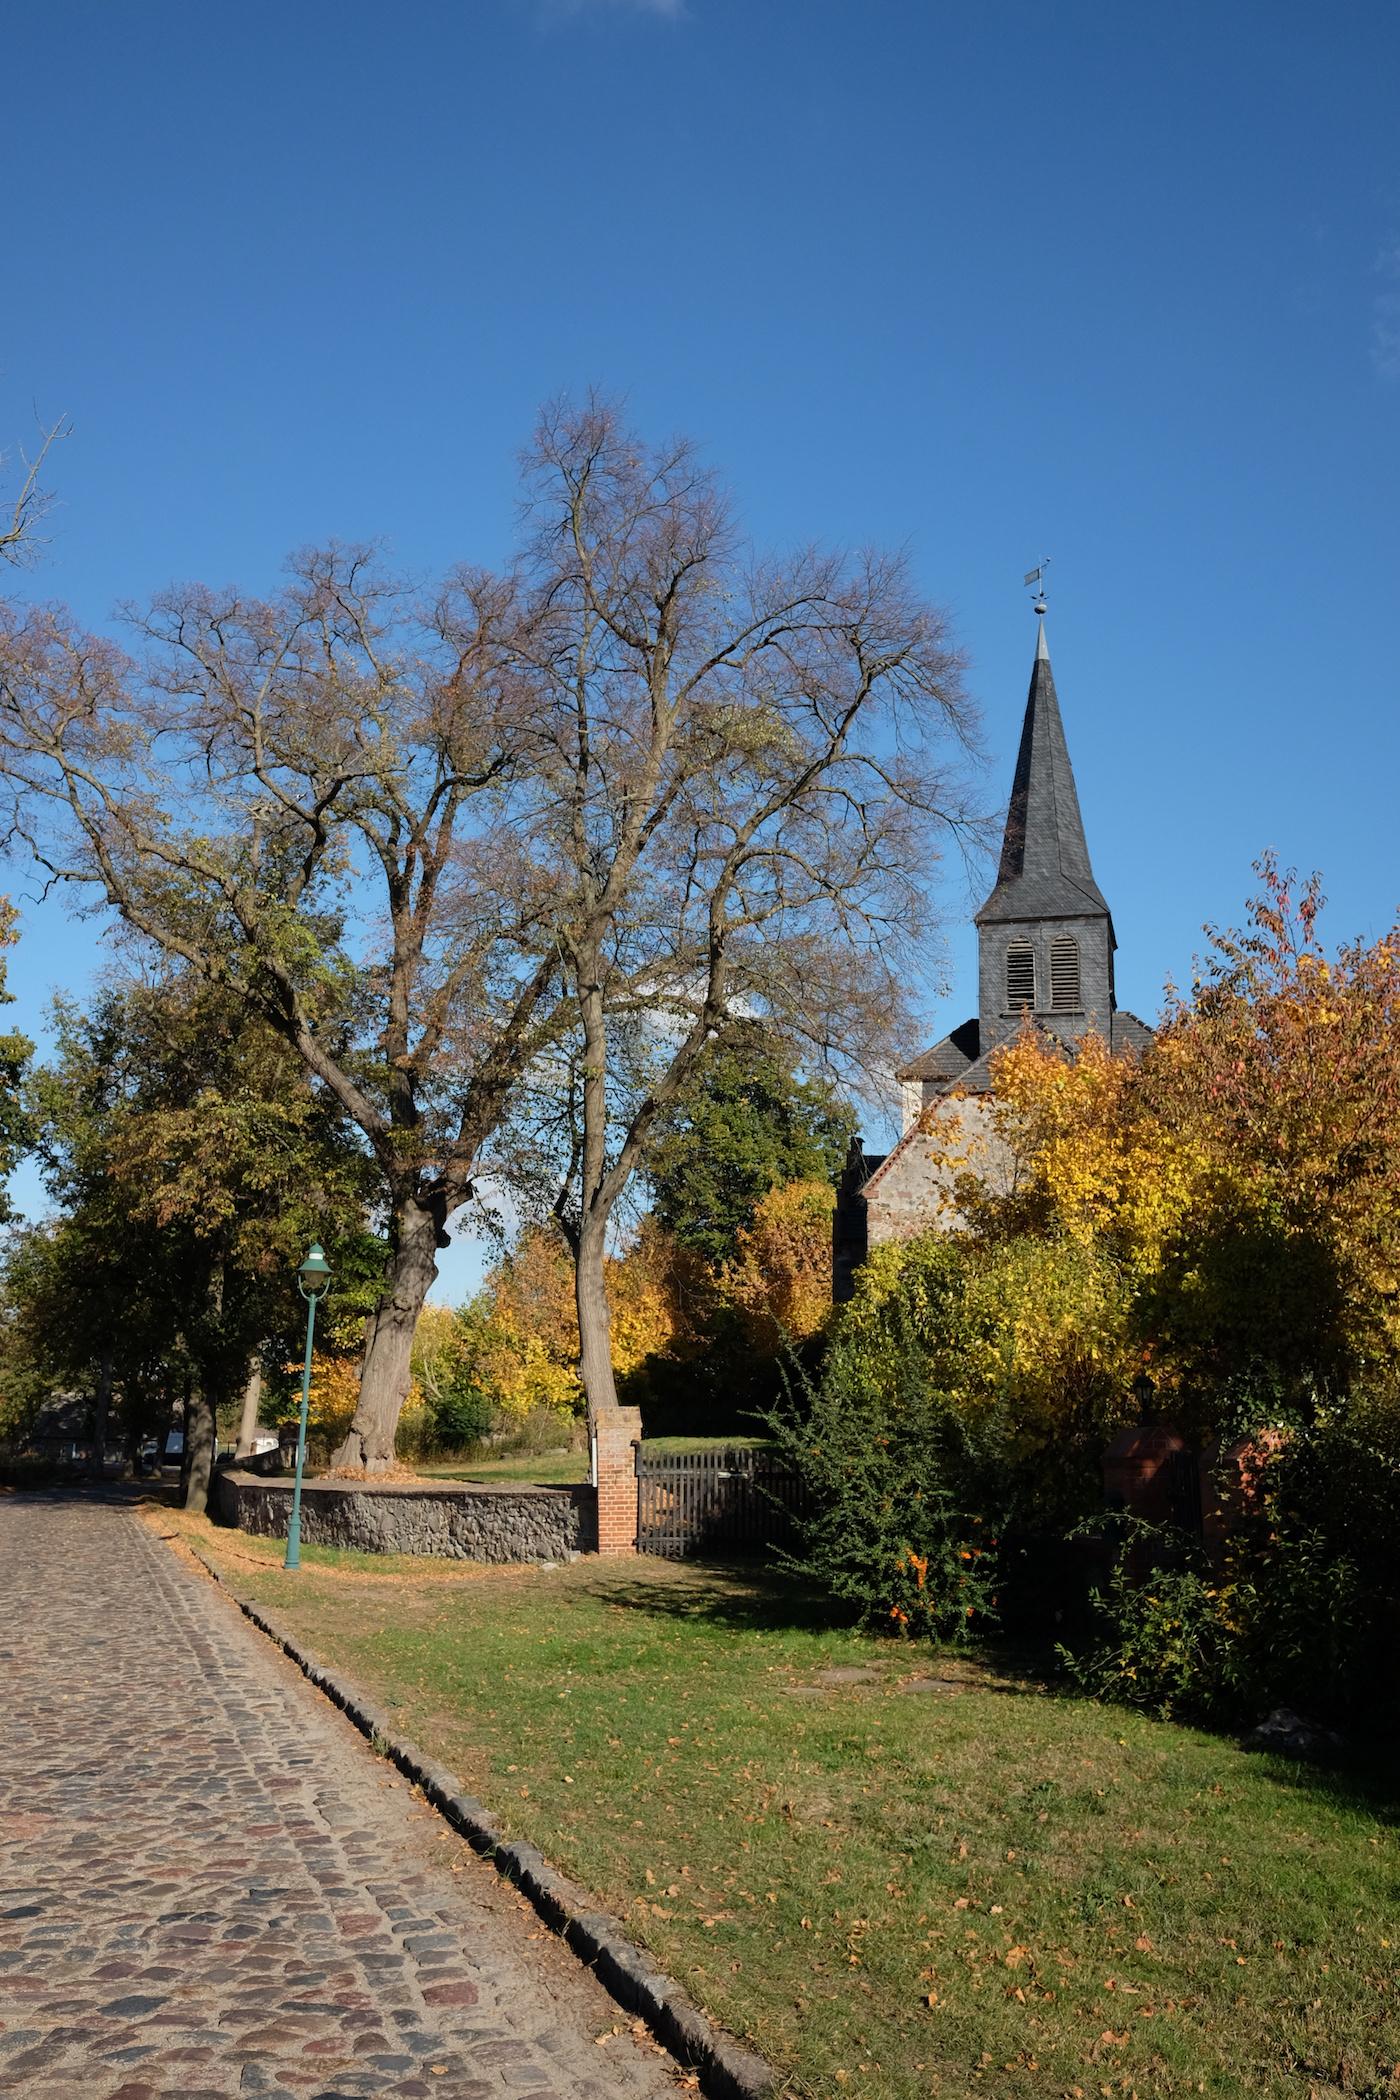 Beeskow__Sauen_wecyclebrandenburg32.JPG